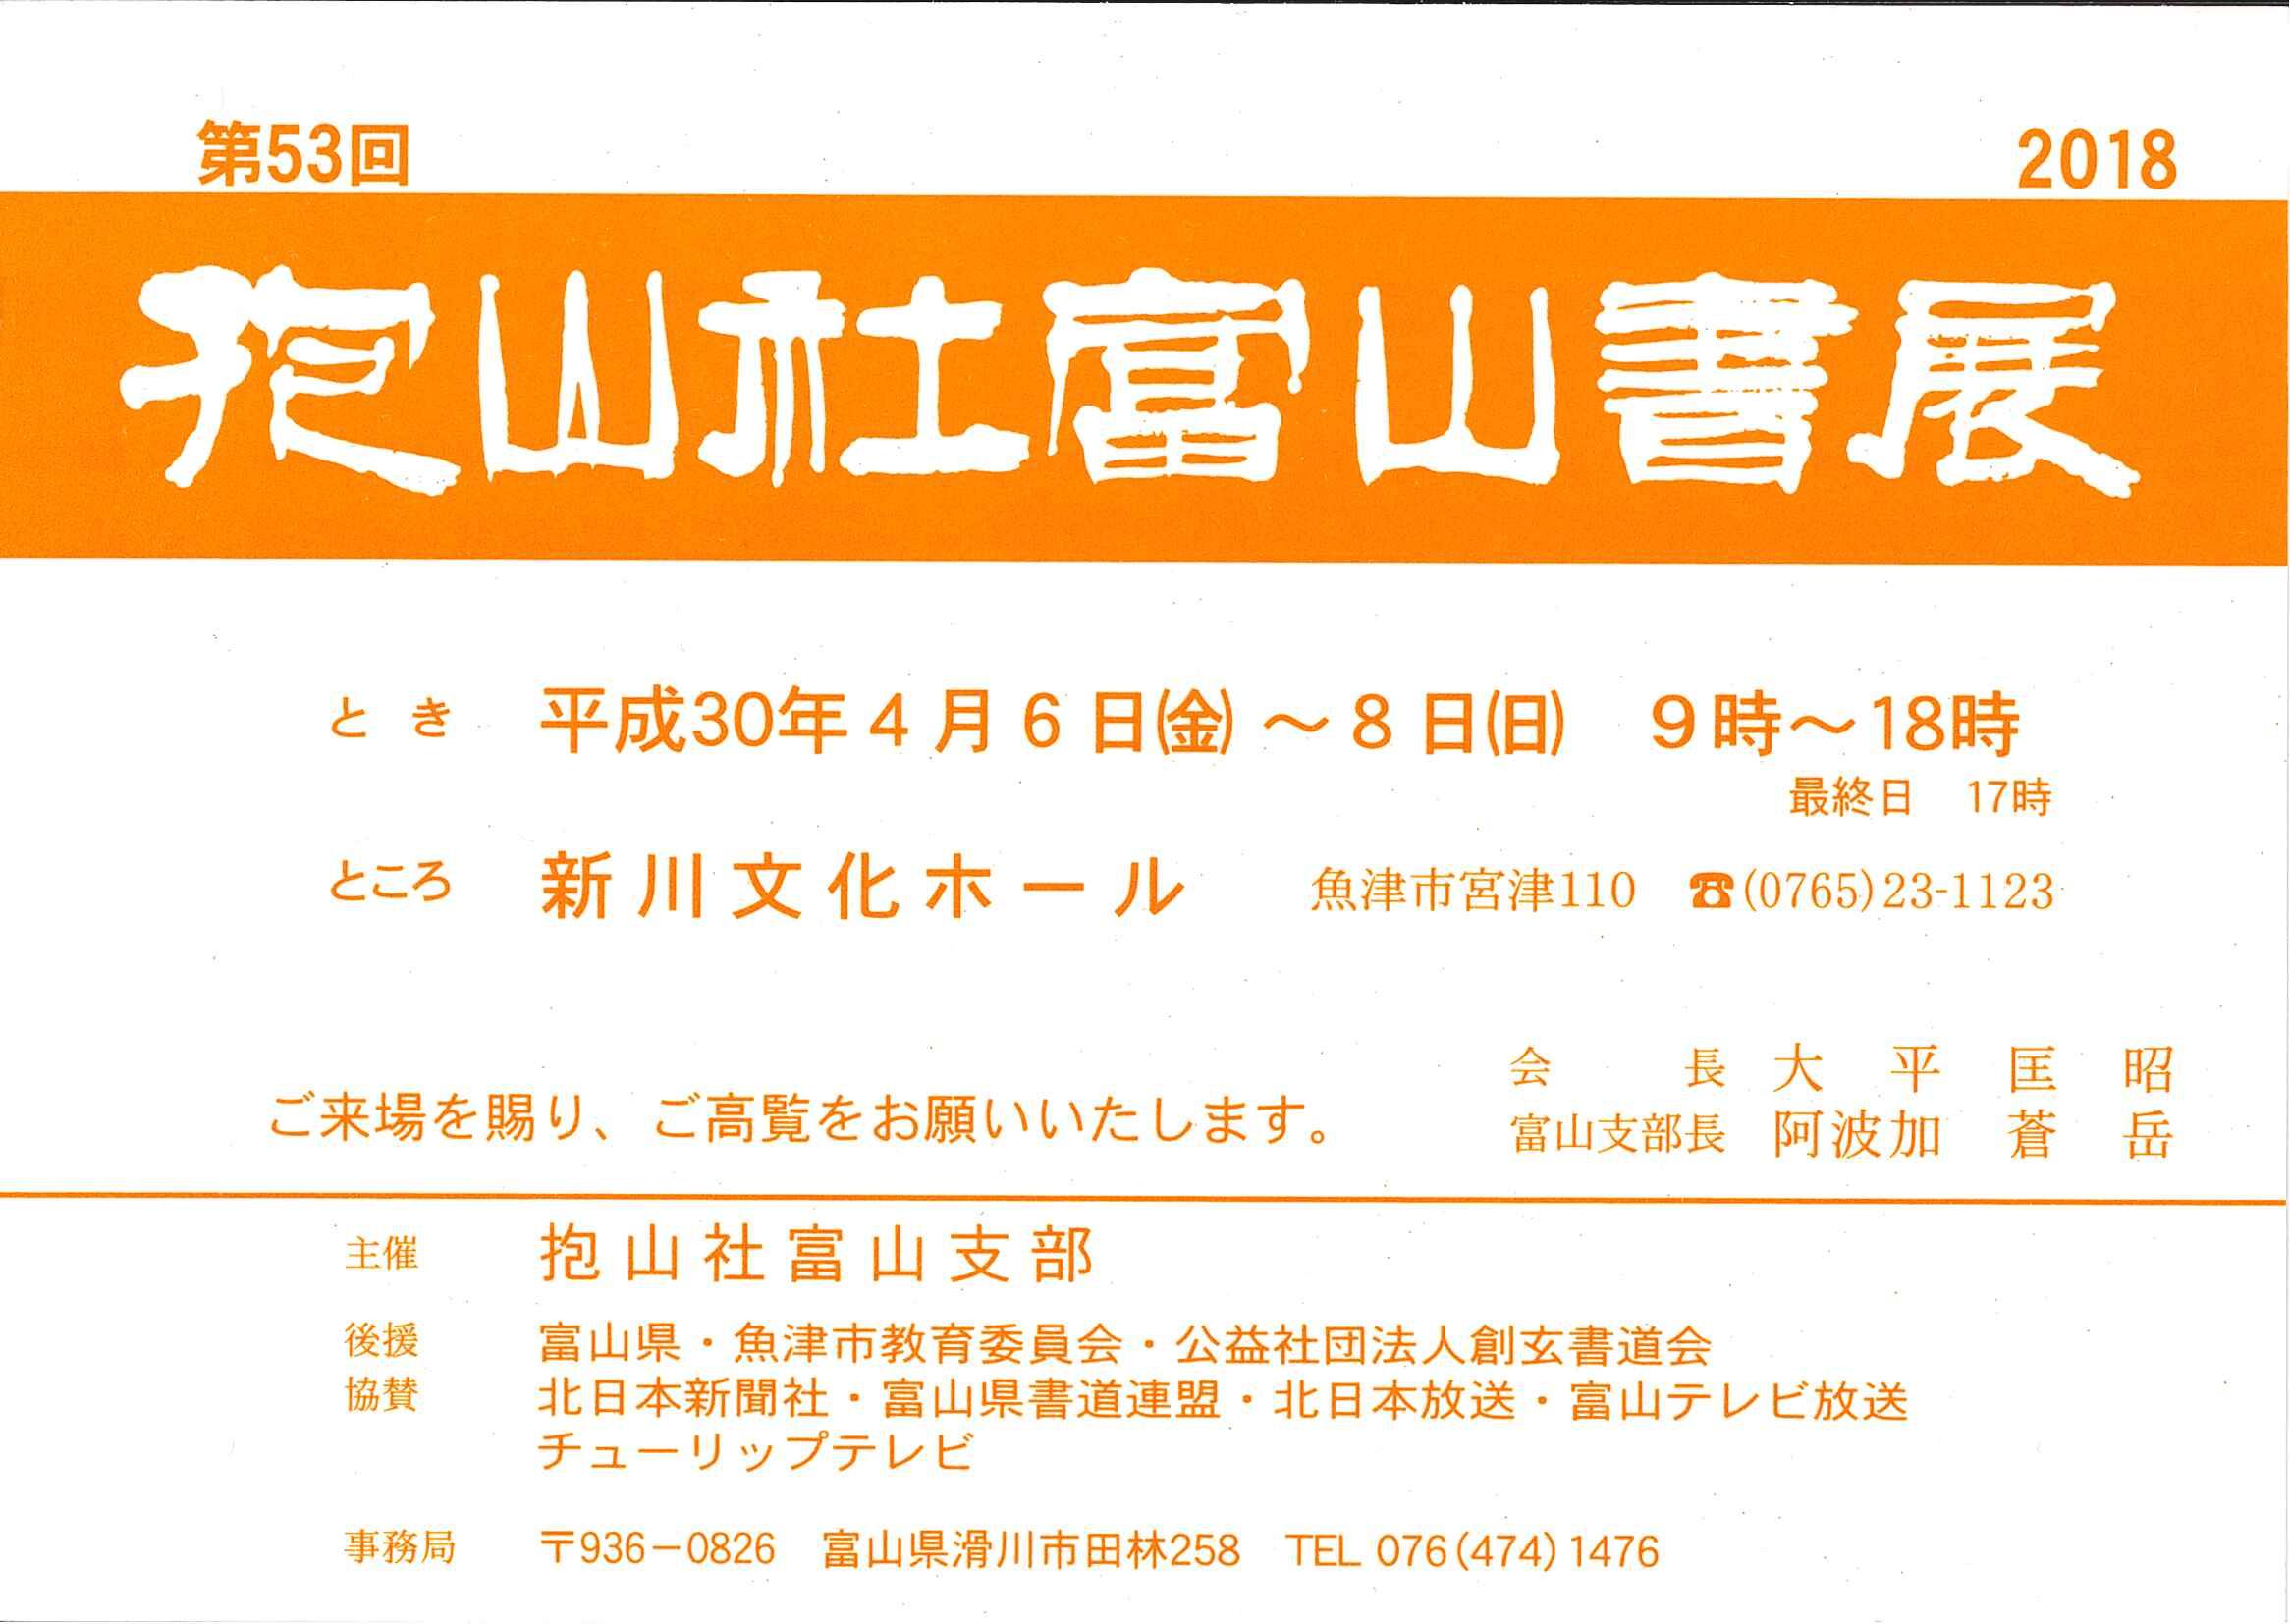 http://www.sogen.or.jp/letter/2018/03/27/20180327202032799_0002.jpg